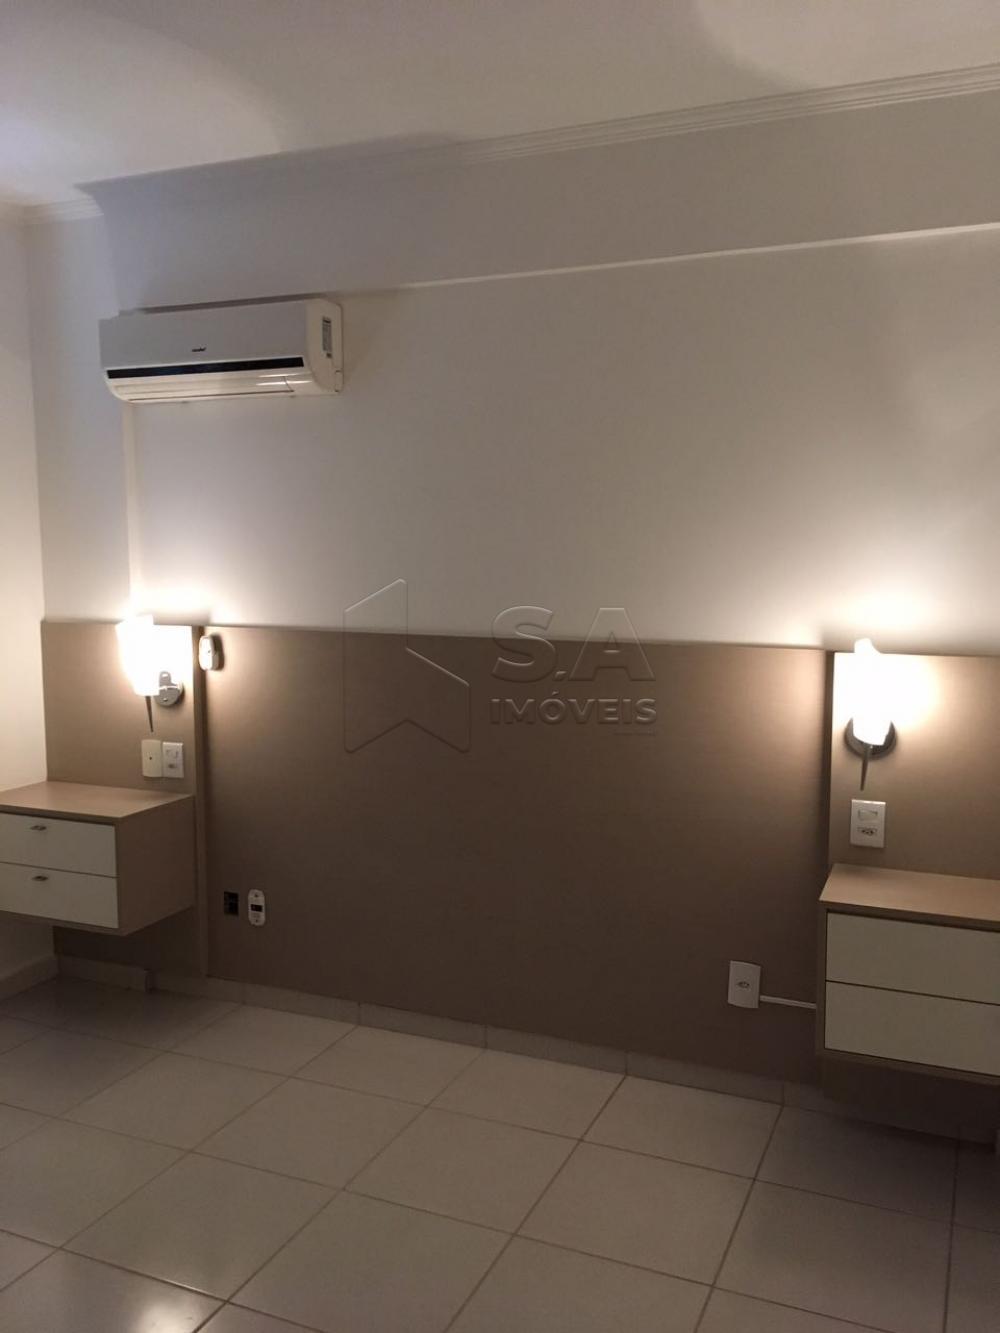 Comprar Apartamento / Padrão em Botucatu apenas R$ 700.000,00 - Foto 12